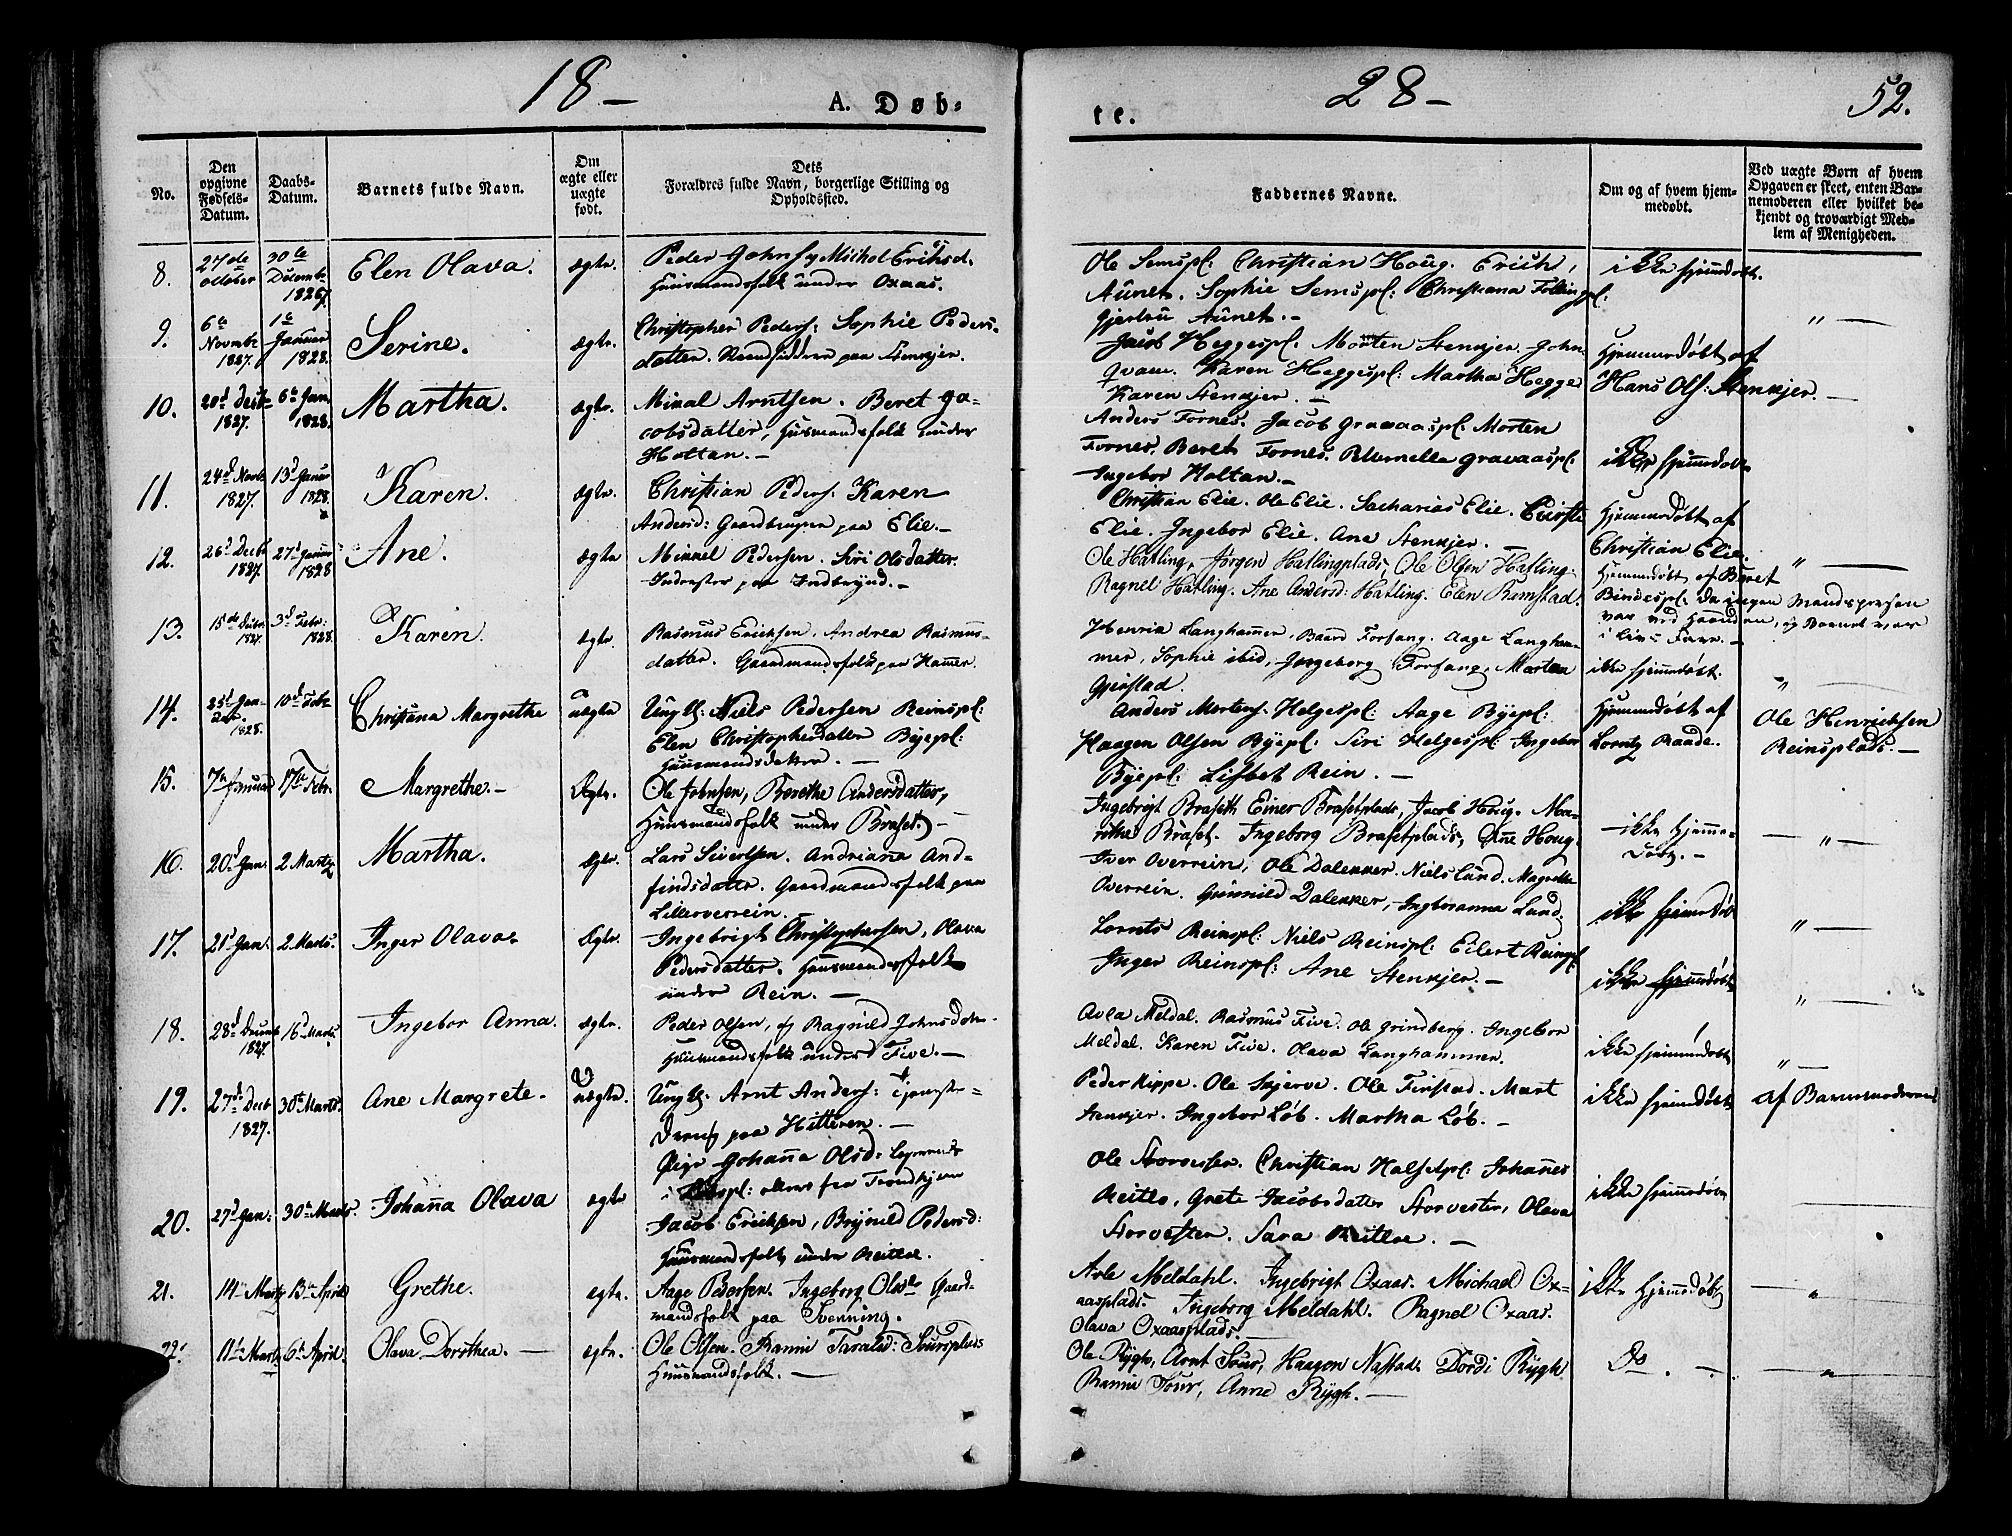 SAT, Ministerialprotokoller, klokkerbøker og fødselsregistre - Nord-Trøndelag, 746/L0445: Ministerialbok nr. 746A04, 1826-1846, s. 52